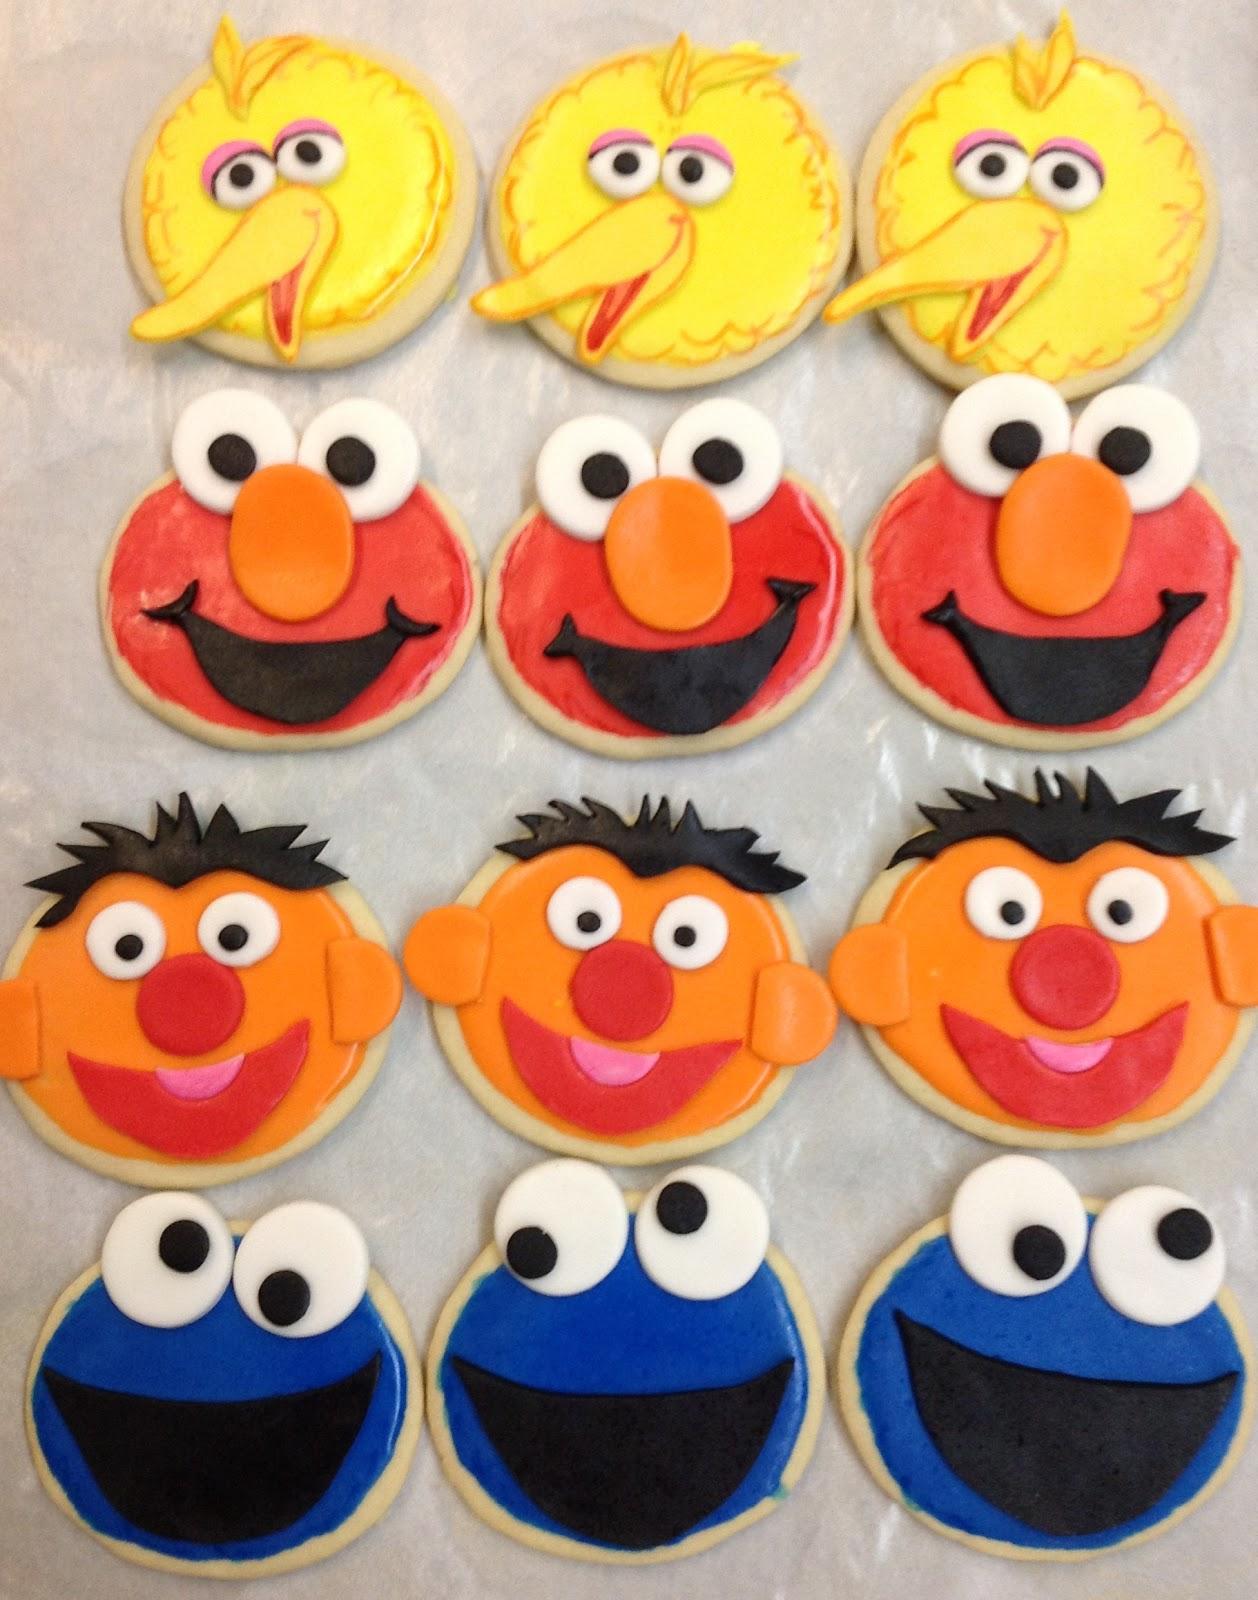 Plumeria Cake Studio Elmo Mini Cake And Sesame Street Cookies